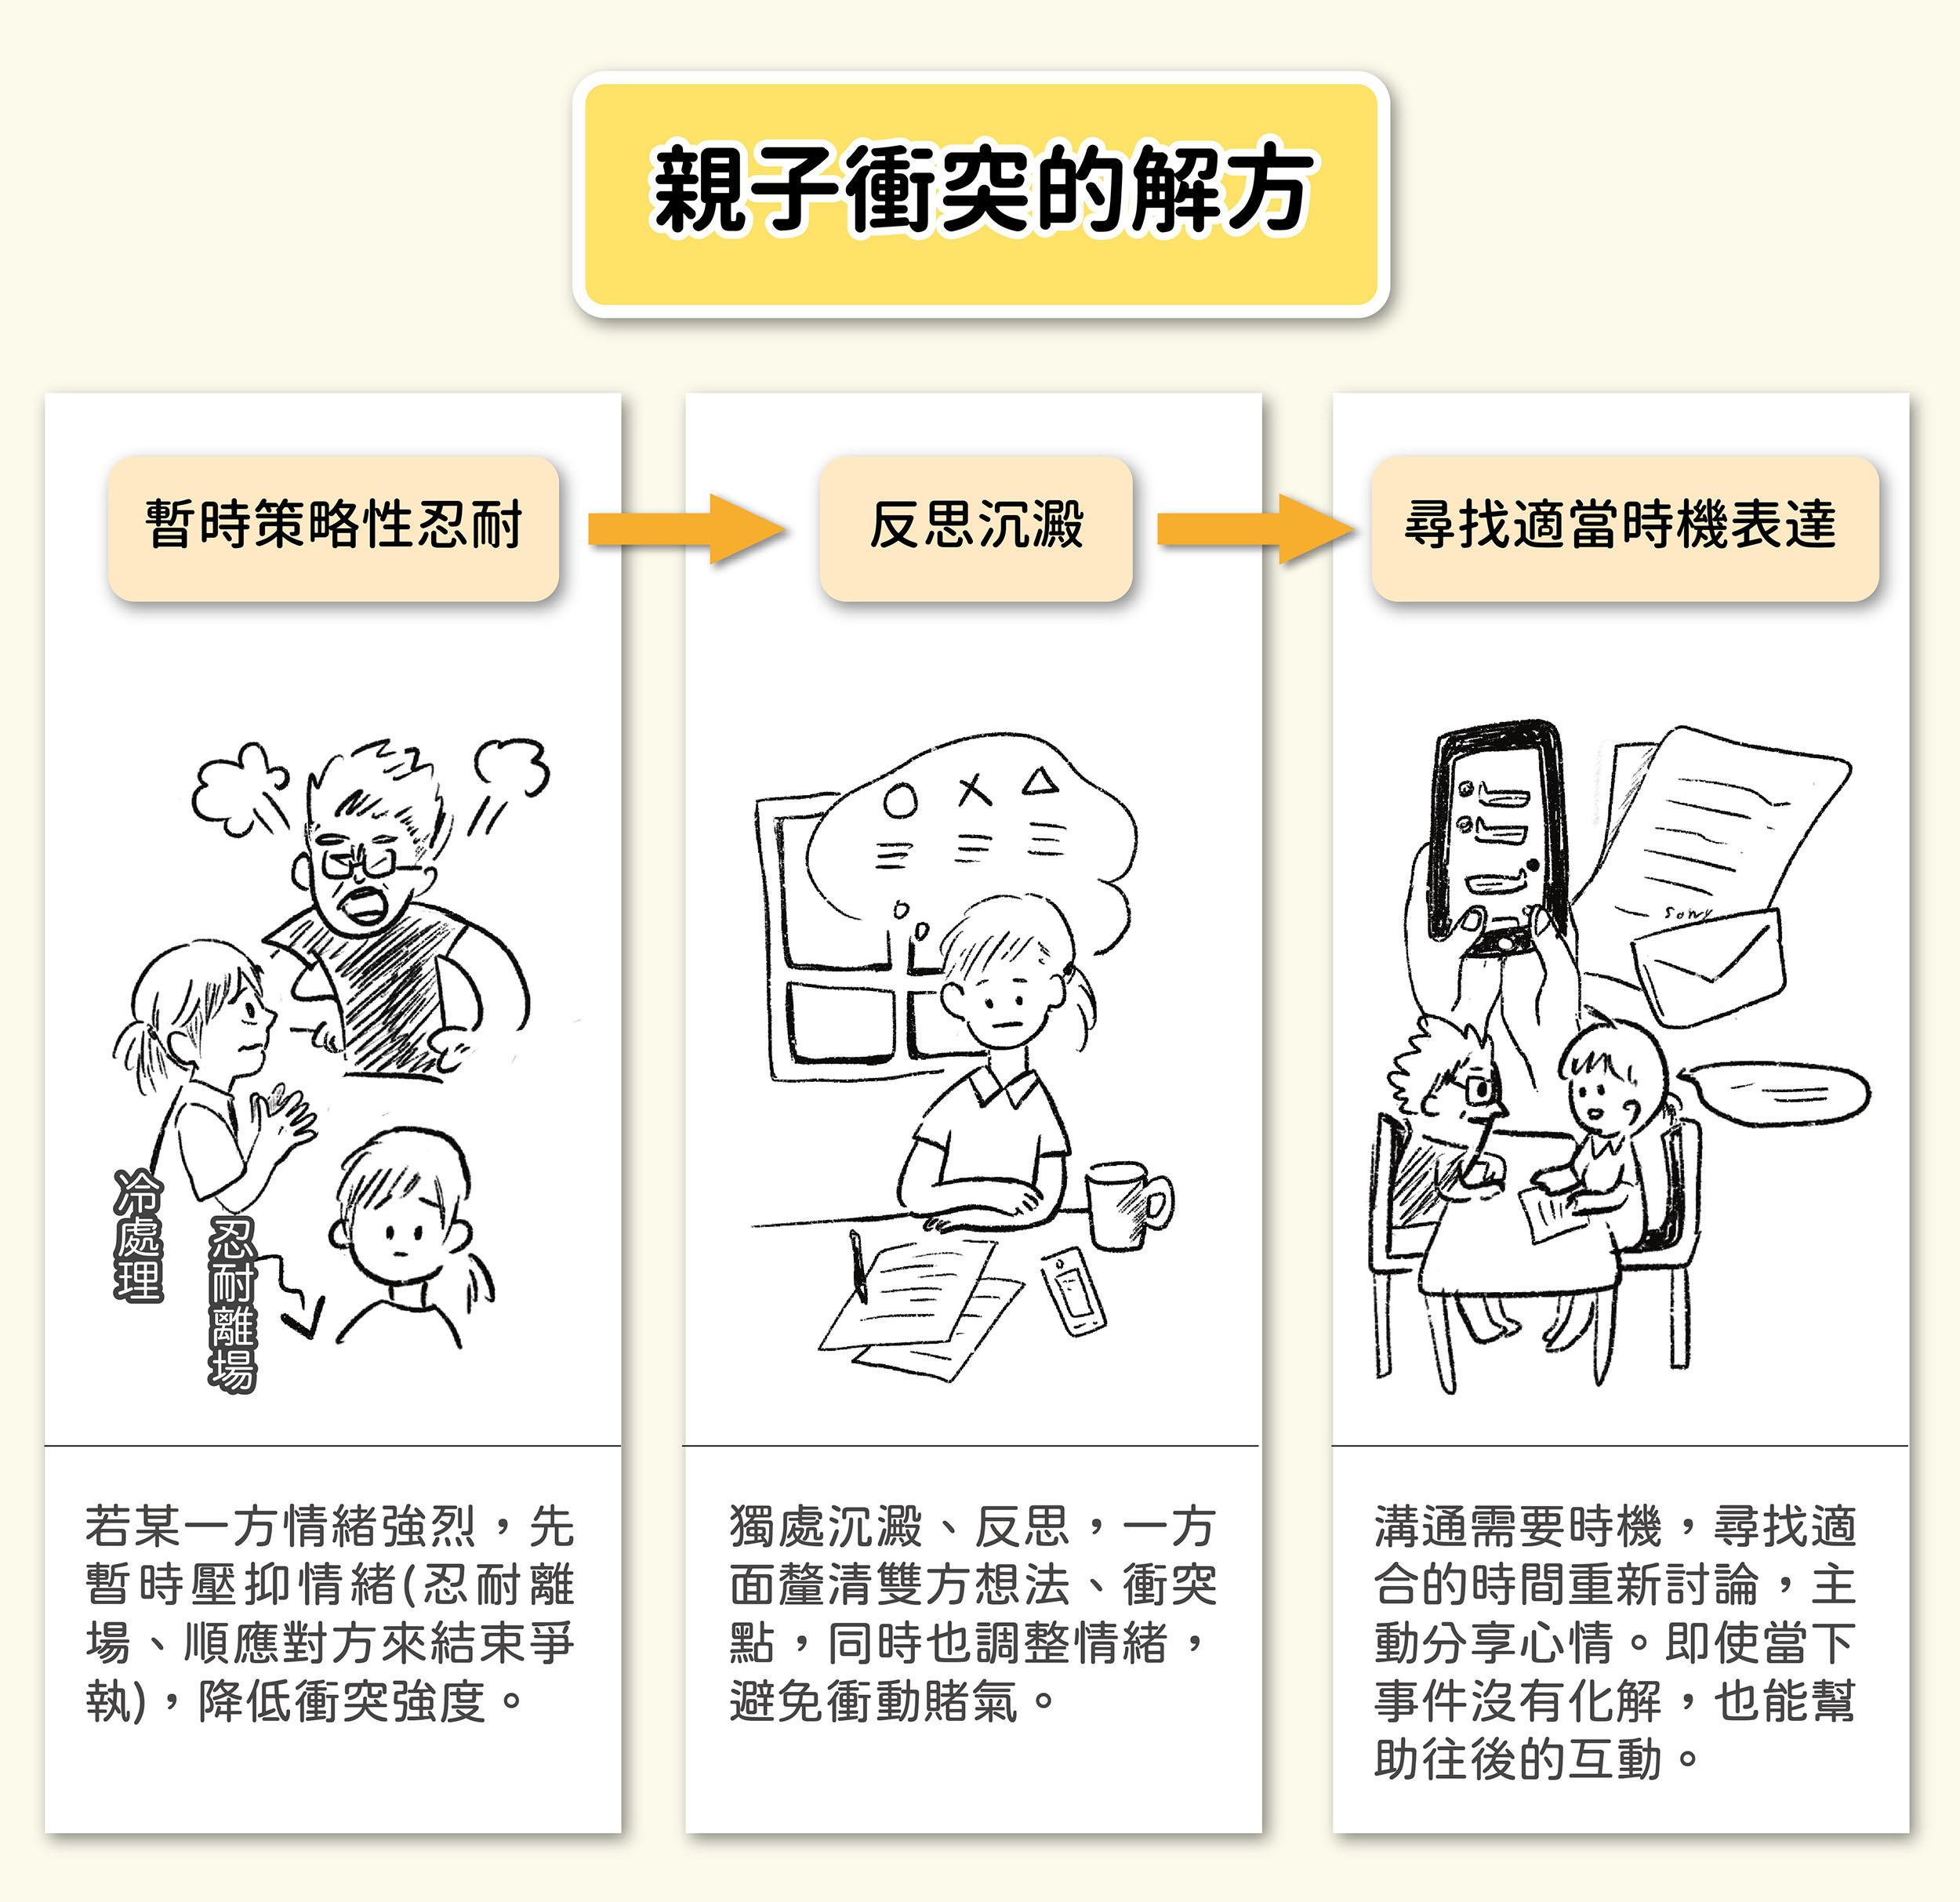 「適當表達策略」包含三個階段,透過衝突降溫、自我反芻、正向溝通,轉化調節對立關係。圖│研之有物